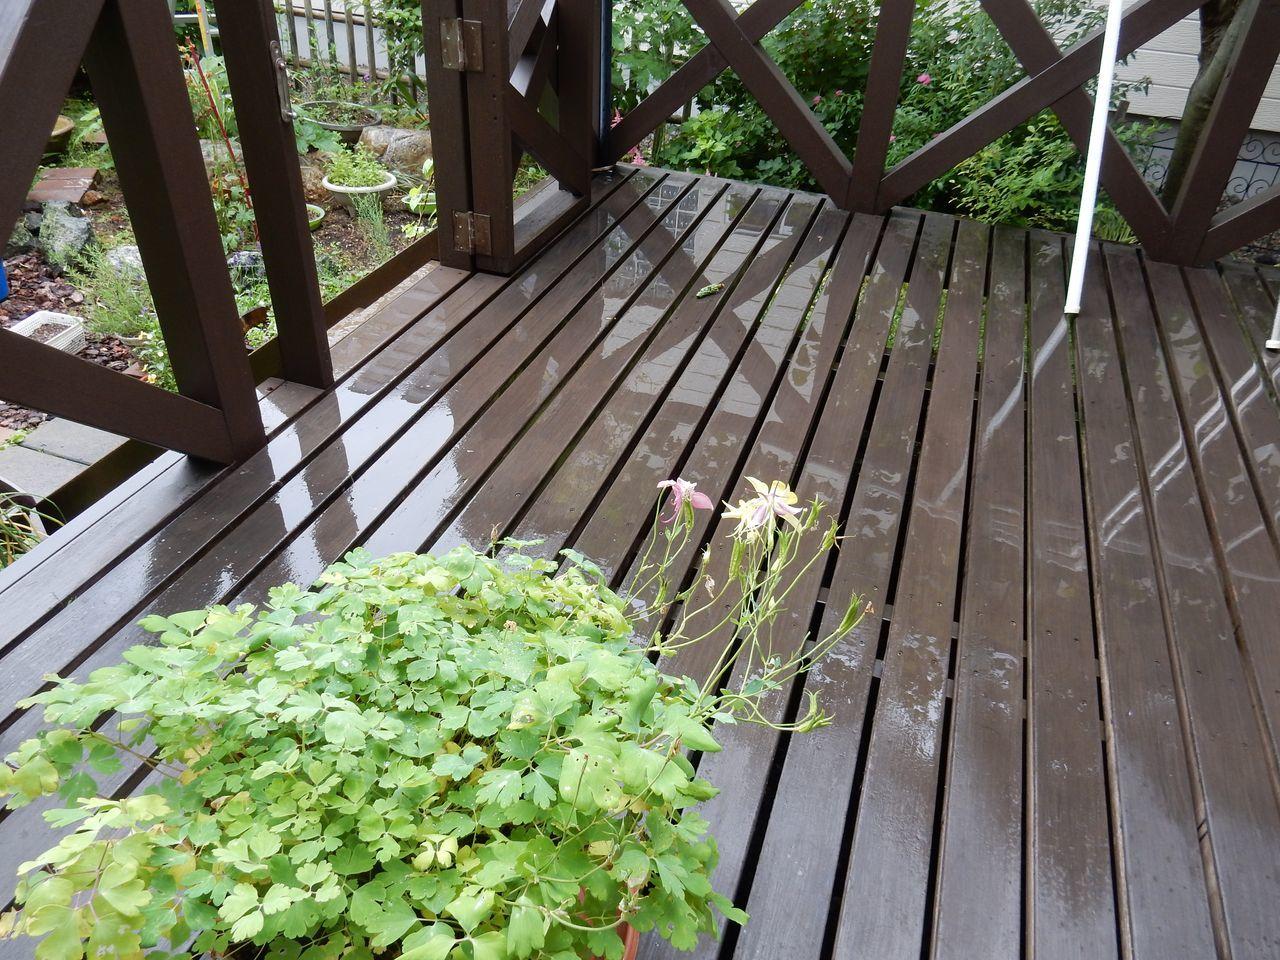 しとしと降る梅雨の戻り_c0025115_20401773.jpg